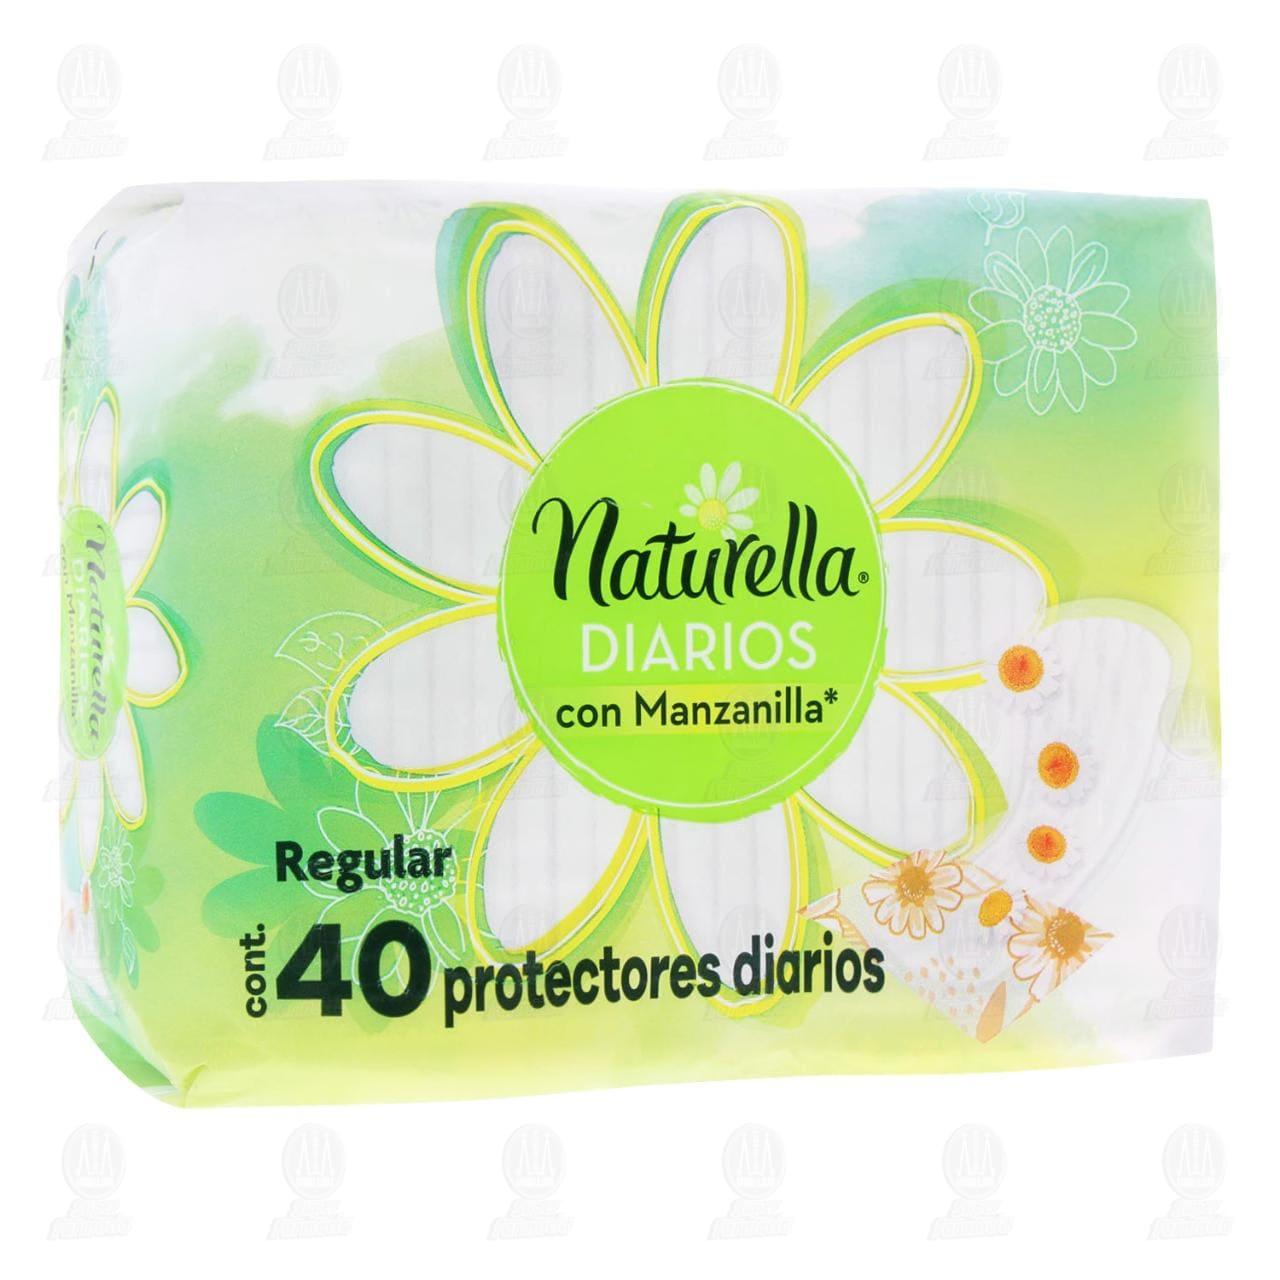 Comprar Protectores Naturella Diarios con Manzanilla, 40 pzas. en Farmacias Guadalajara